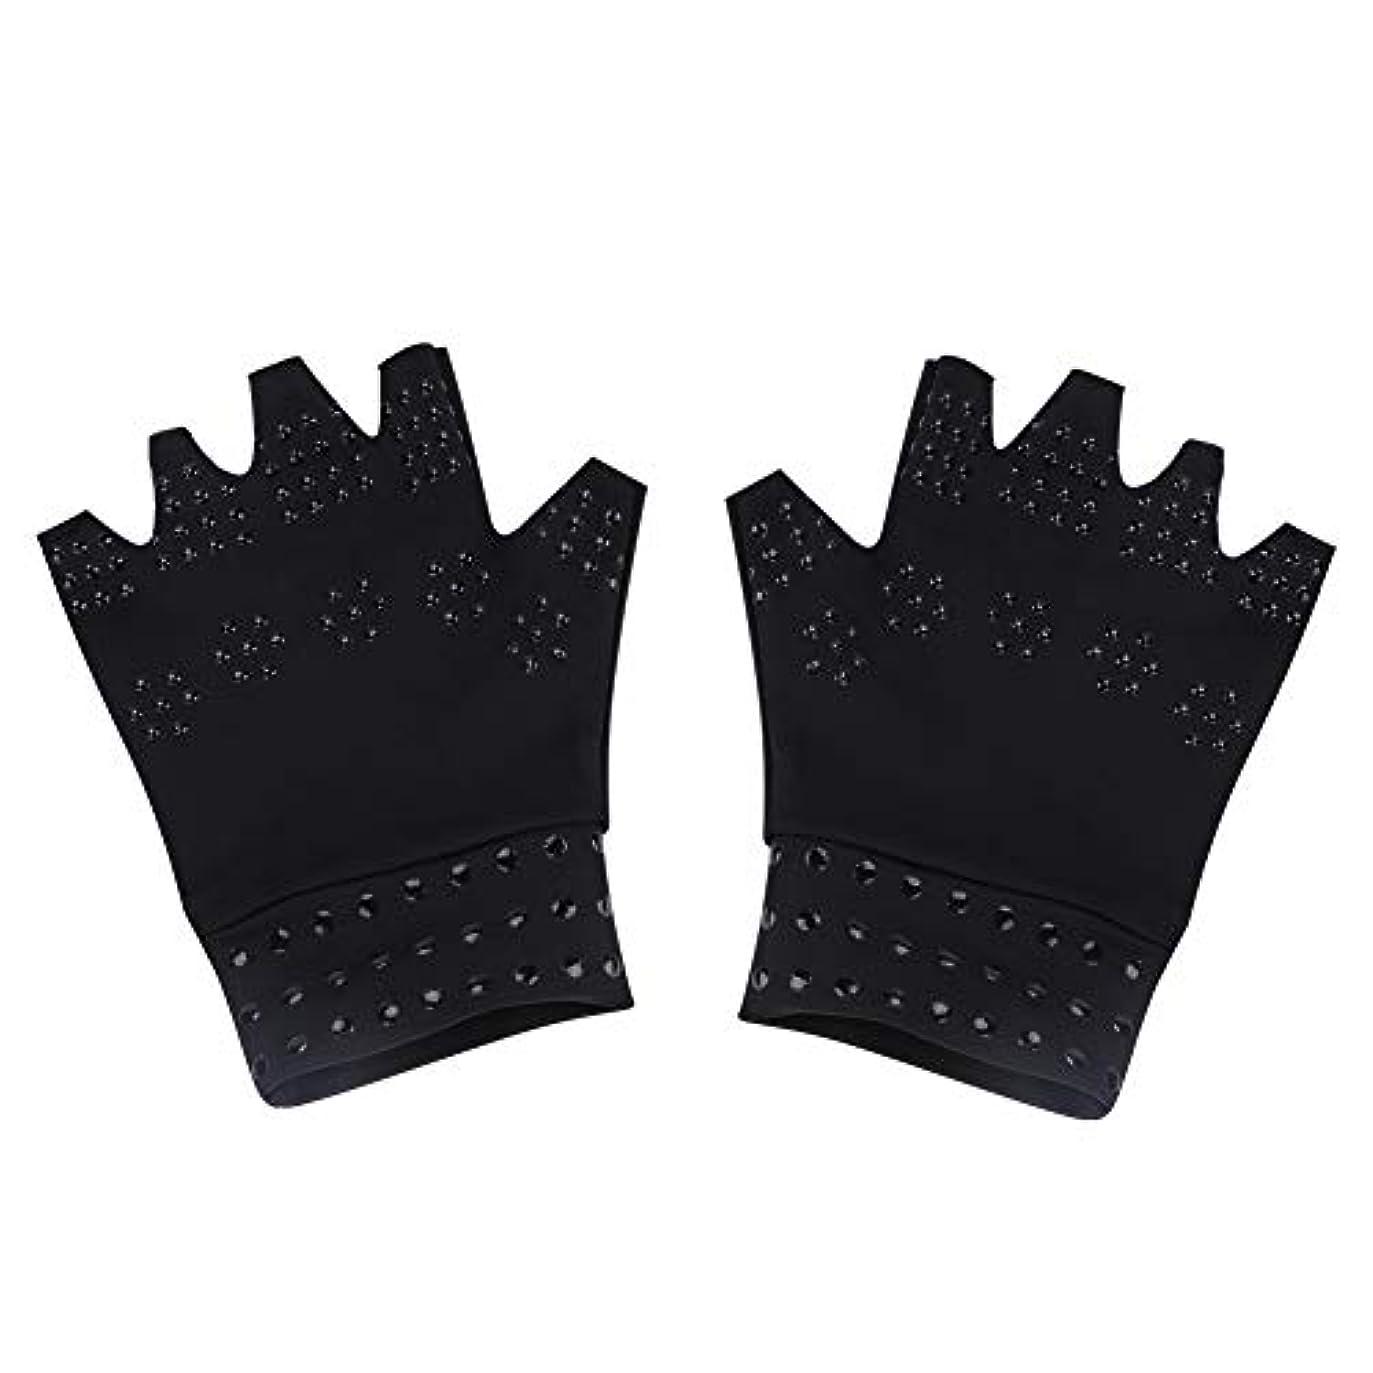 除外するナチュラより良い関節炎手袋 okuguy 関節炎着圧手袋 磁気 抗浮腫 炎症 痛み和らげる リウマチ(ブラック)